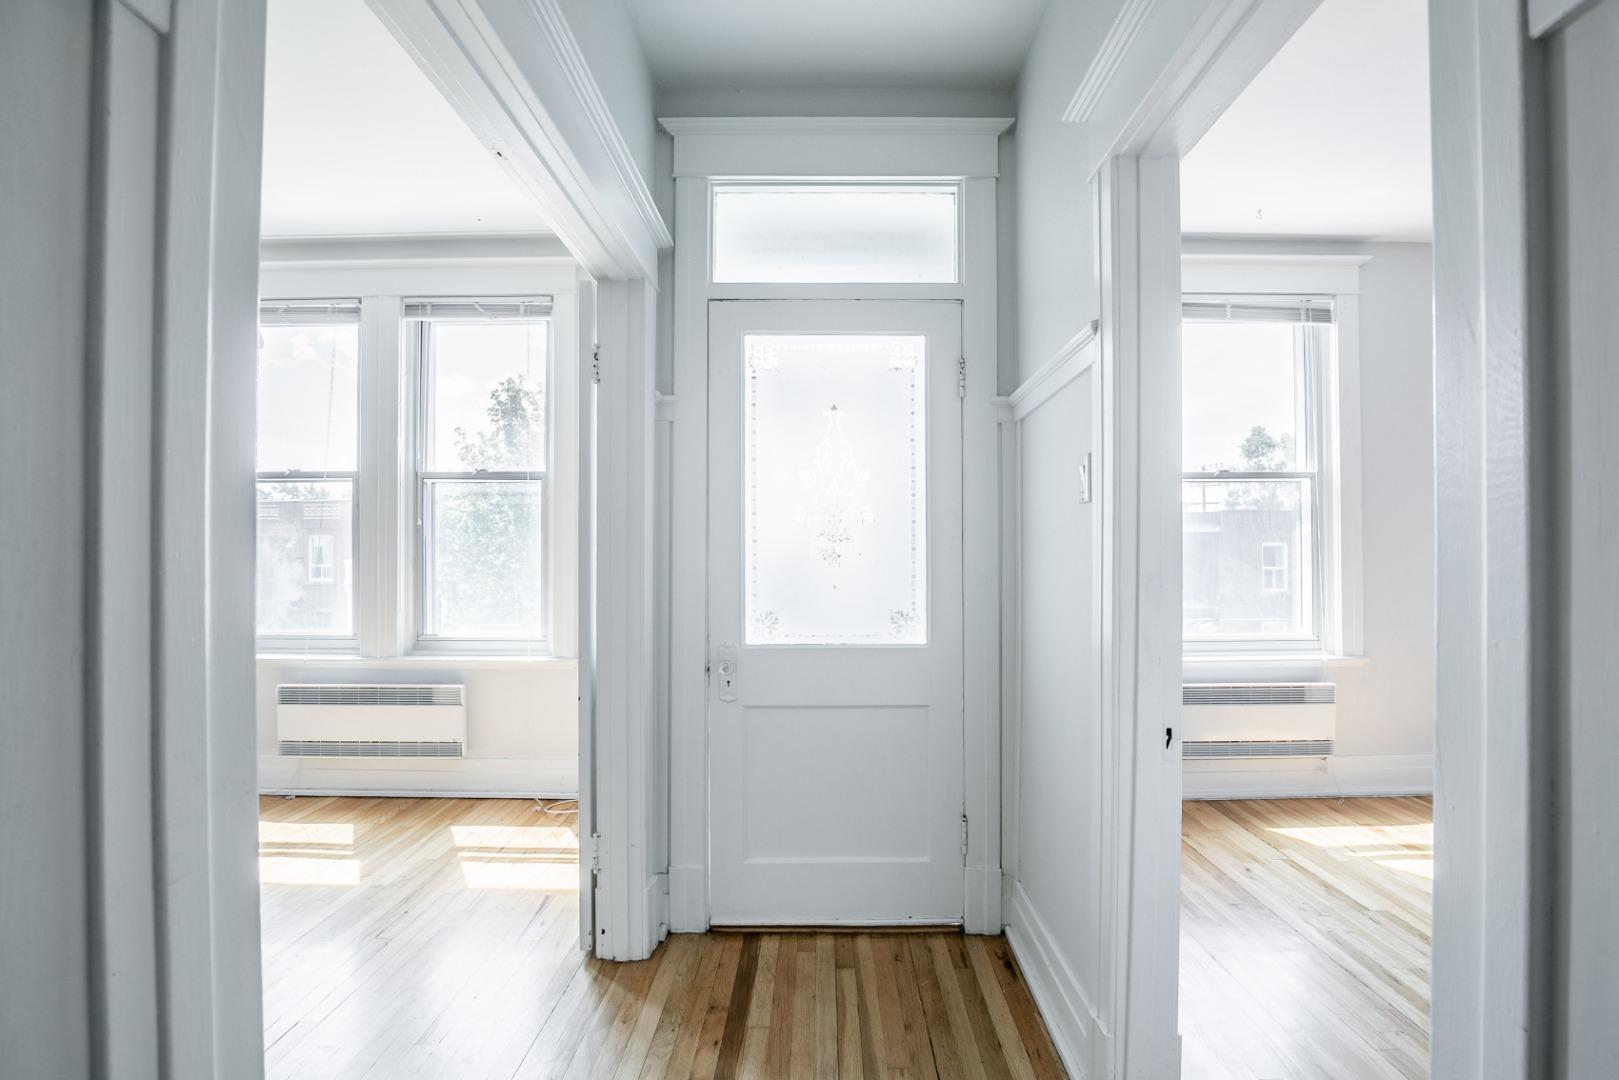 Appartement à louer Rosemont - 6403, rue de Bordeaux 3